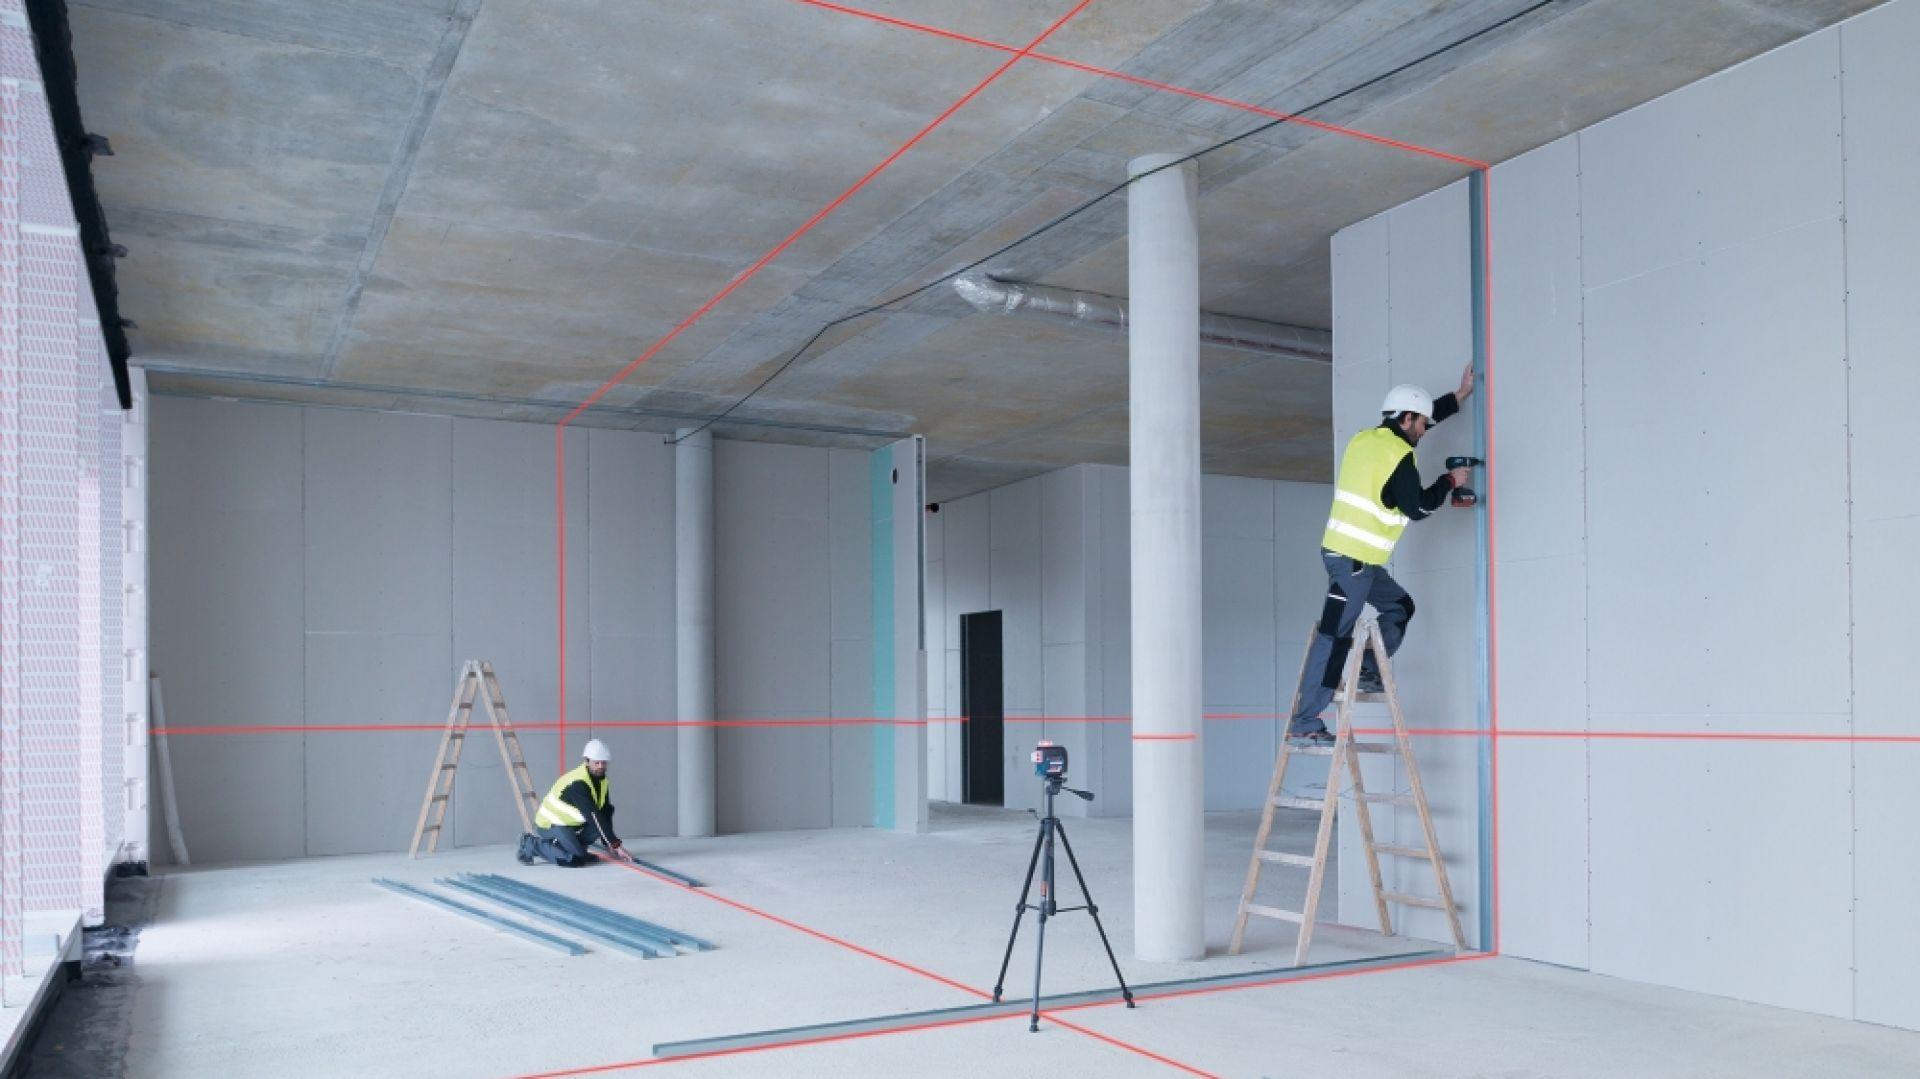 Podział powierzchni przy użyciu elementów suchej zabudowy, precyzyjne układanie płytek czy montaż mebli i stawianie ścianek działowych – dzięki swojej funkcjonalności lasery liniowe są przeznaczone do szerokiego spektrum zastosowań. Fot. Bosch